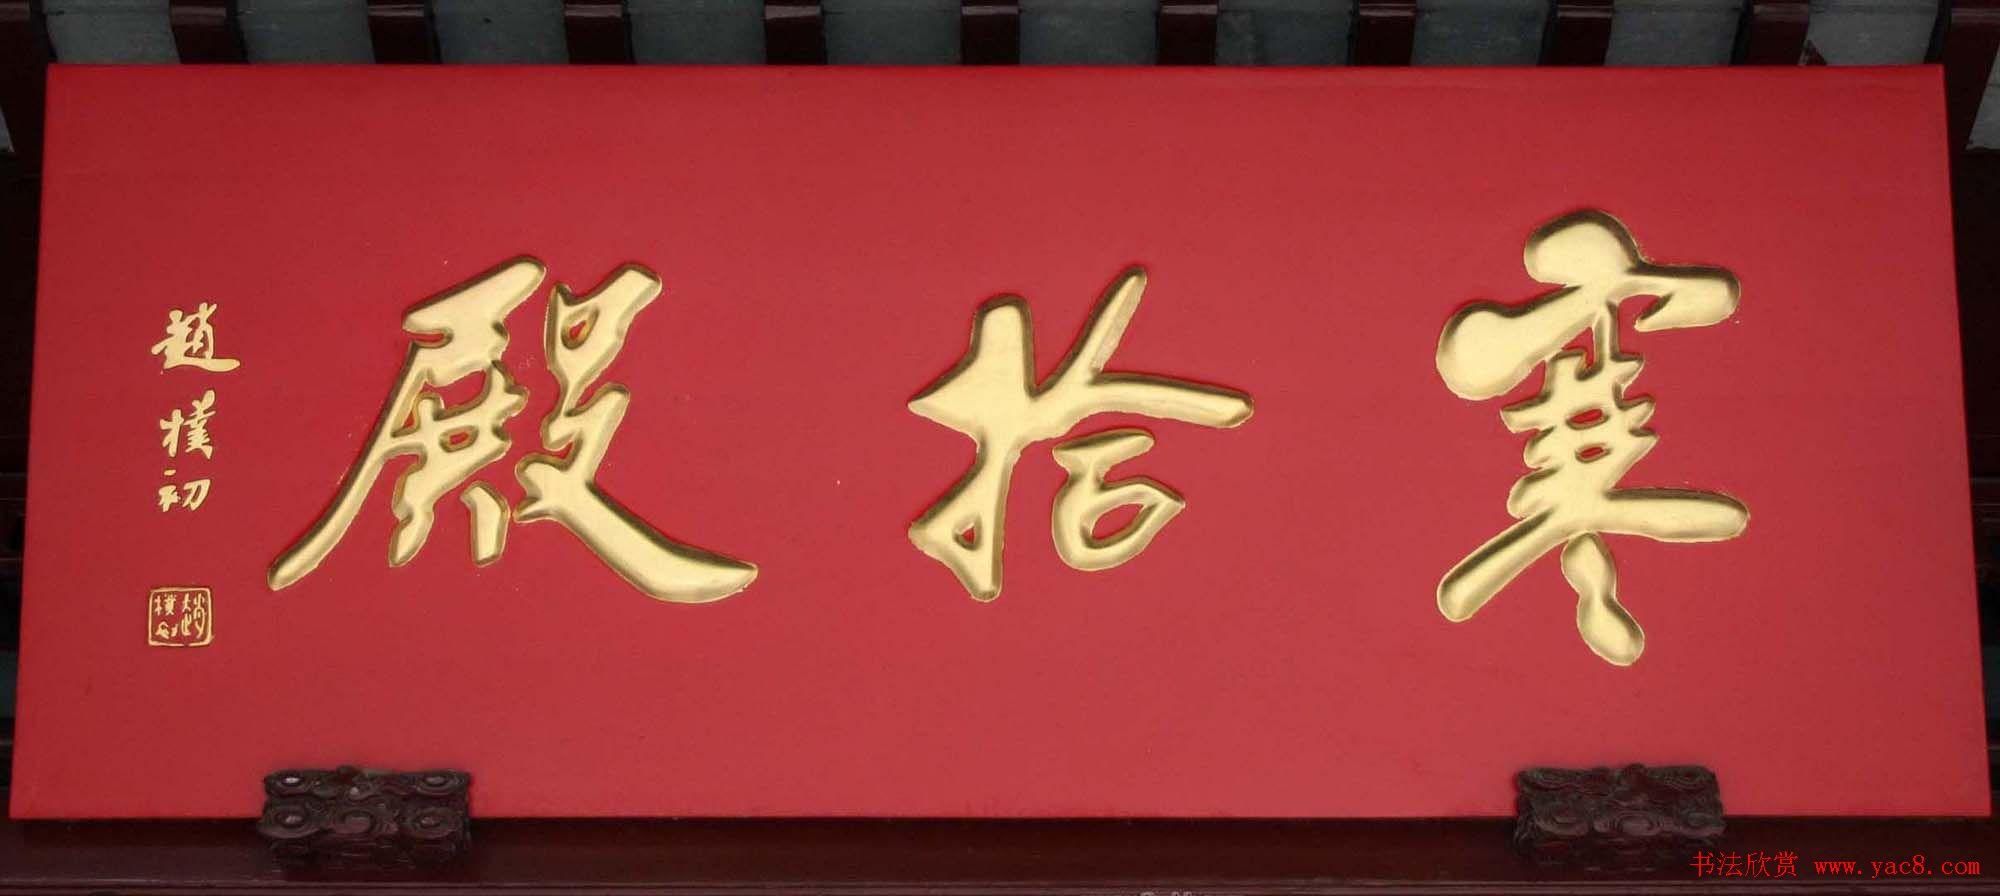 赵朴初书法题字牌匾欣赏